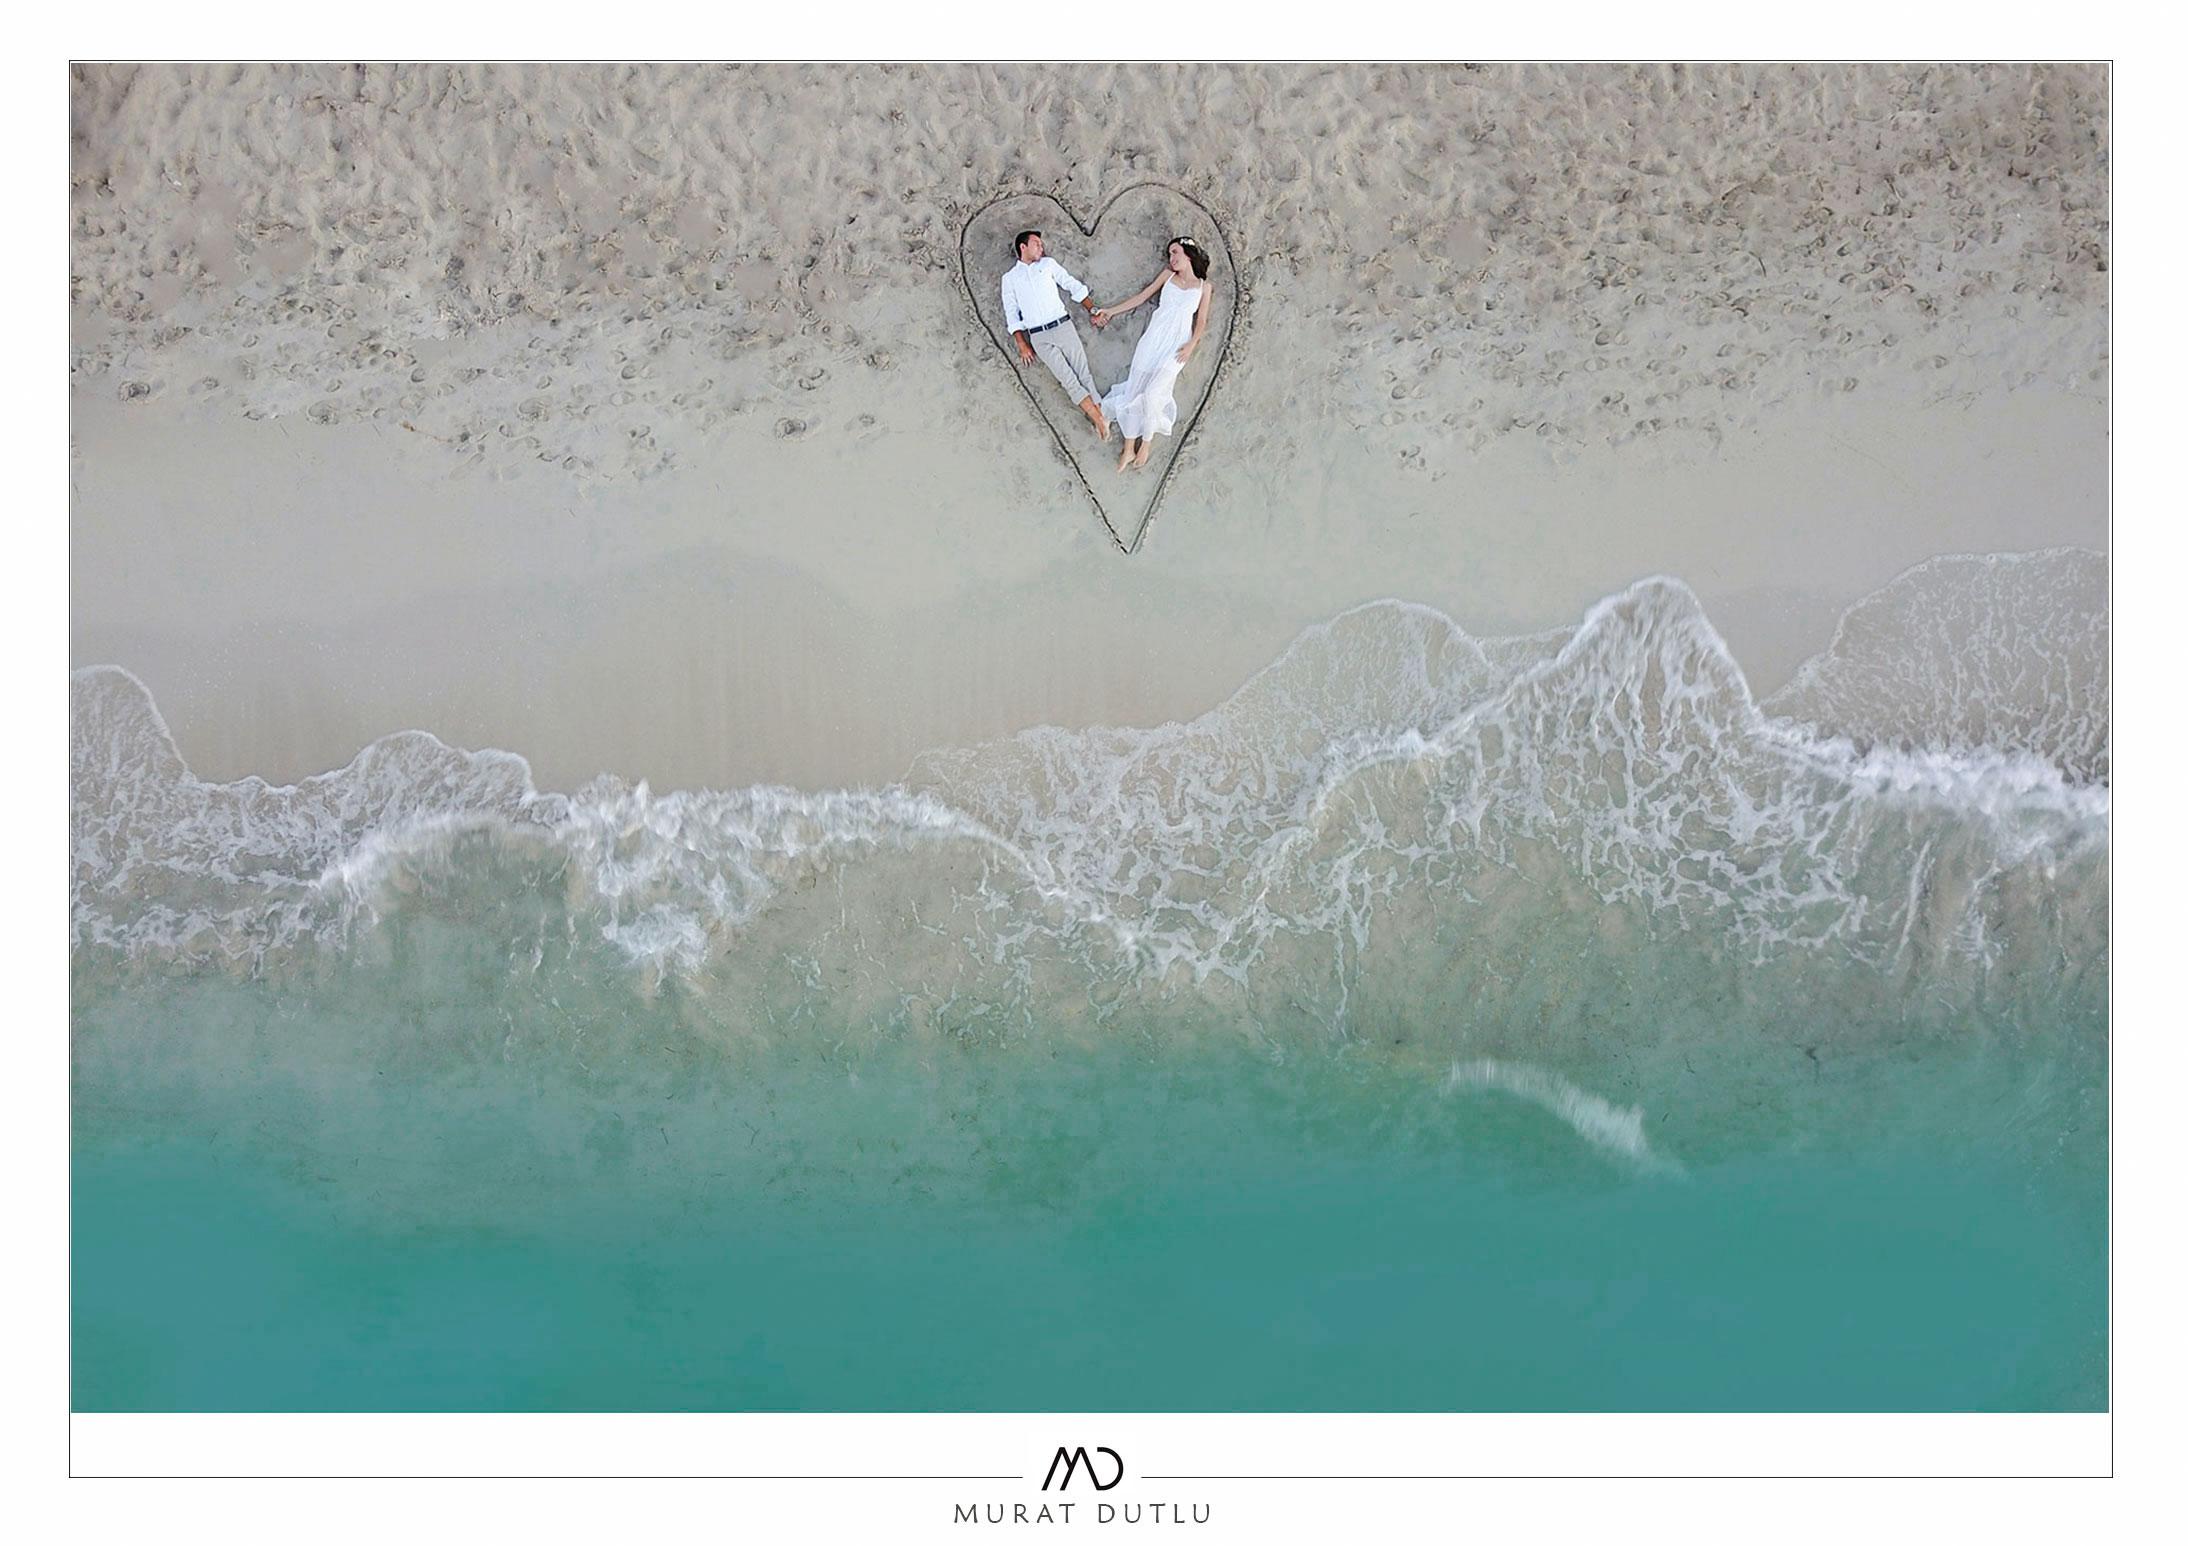 izmir-drone-fotograf-cekimi-murat-dutlu